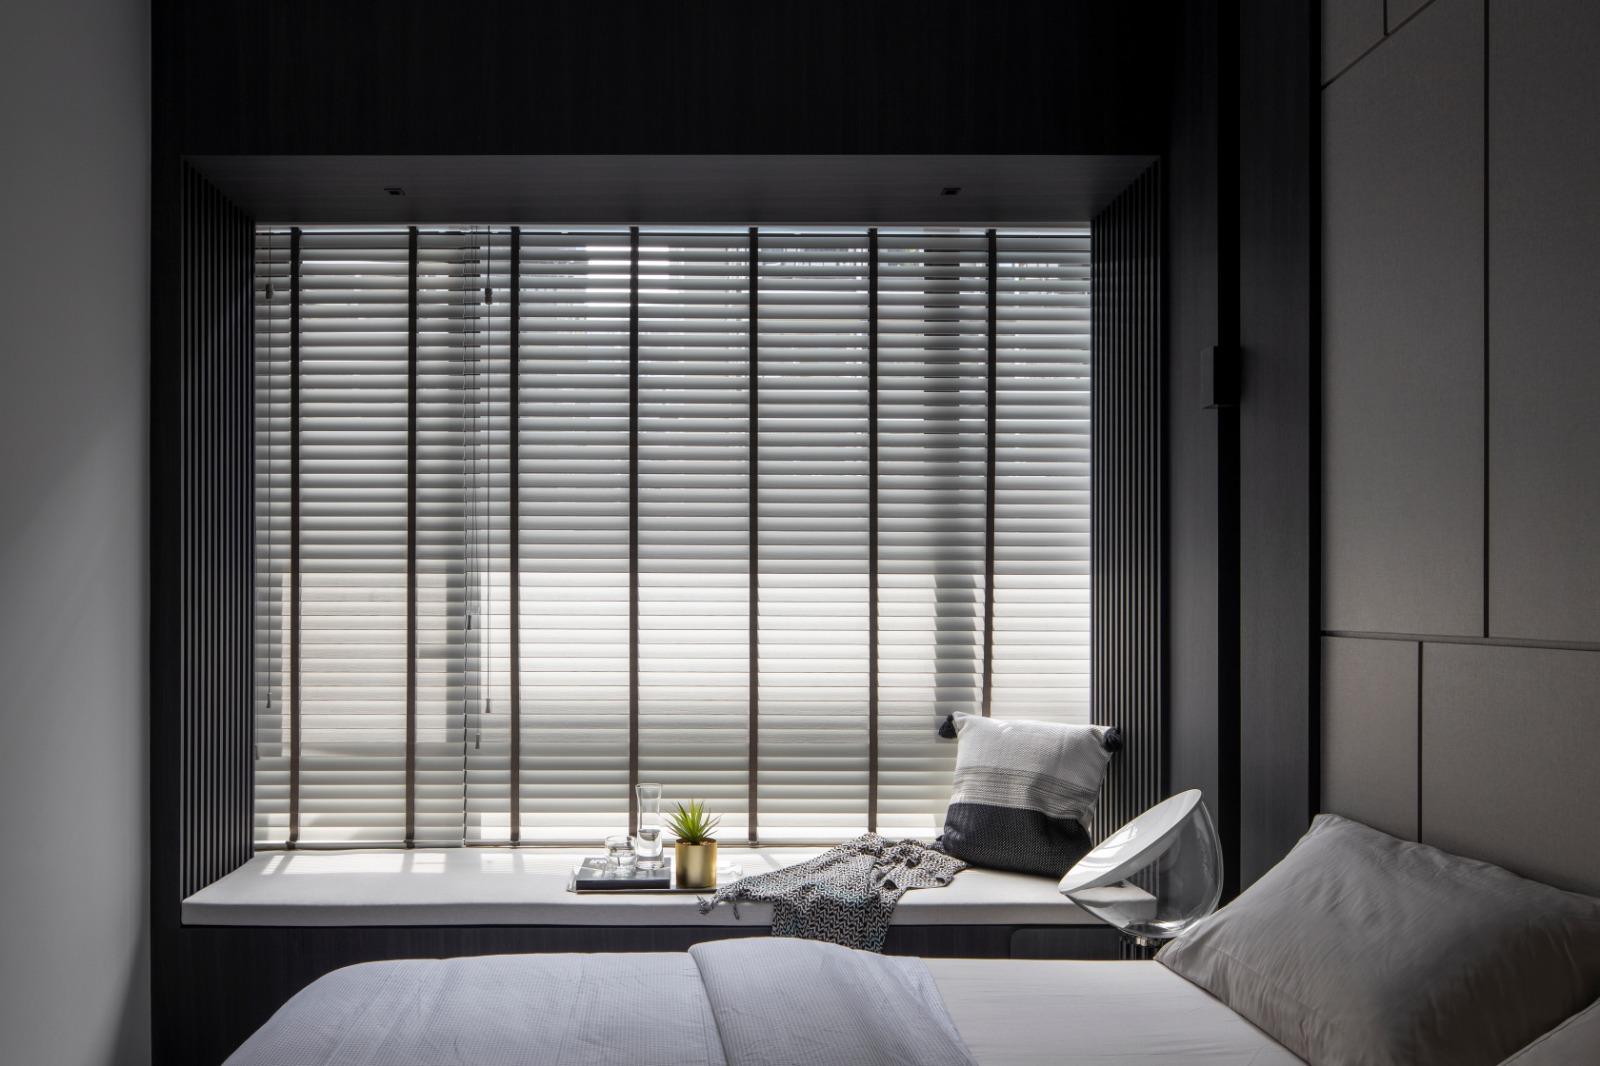 squarerooms-joey-khu-bedroom-bay-window-bed